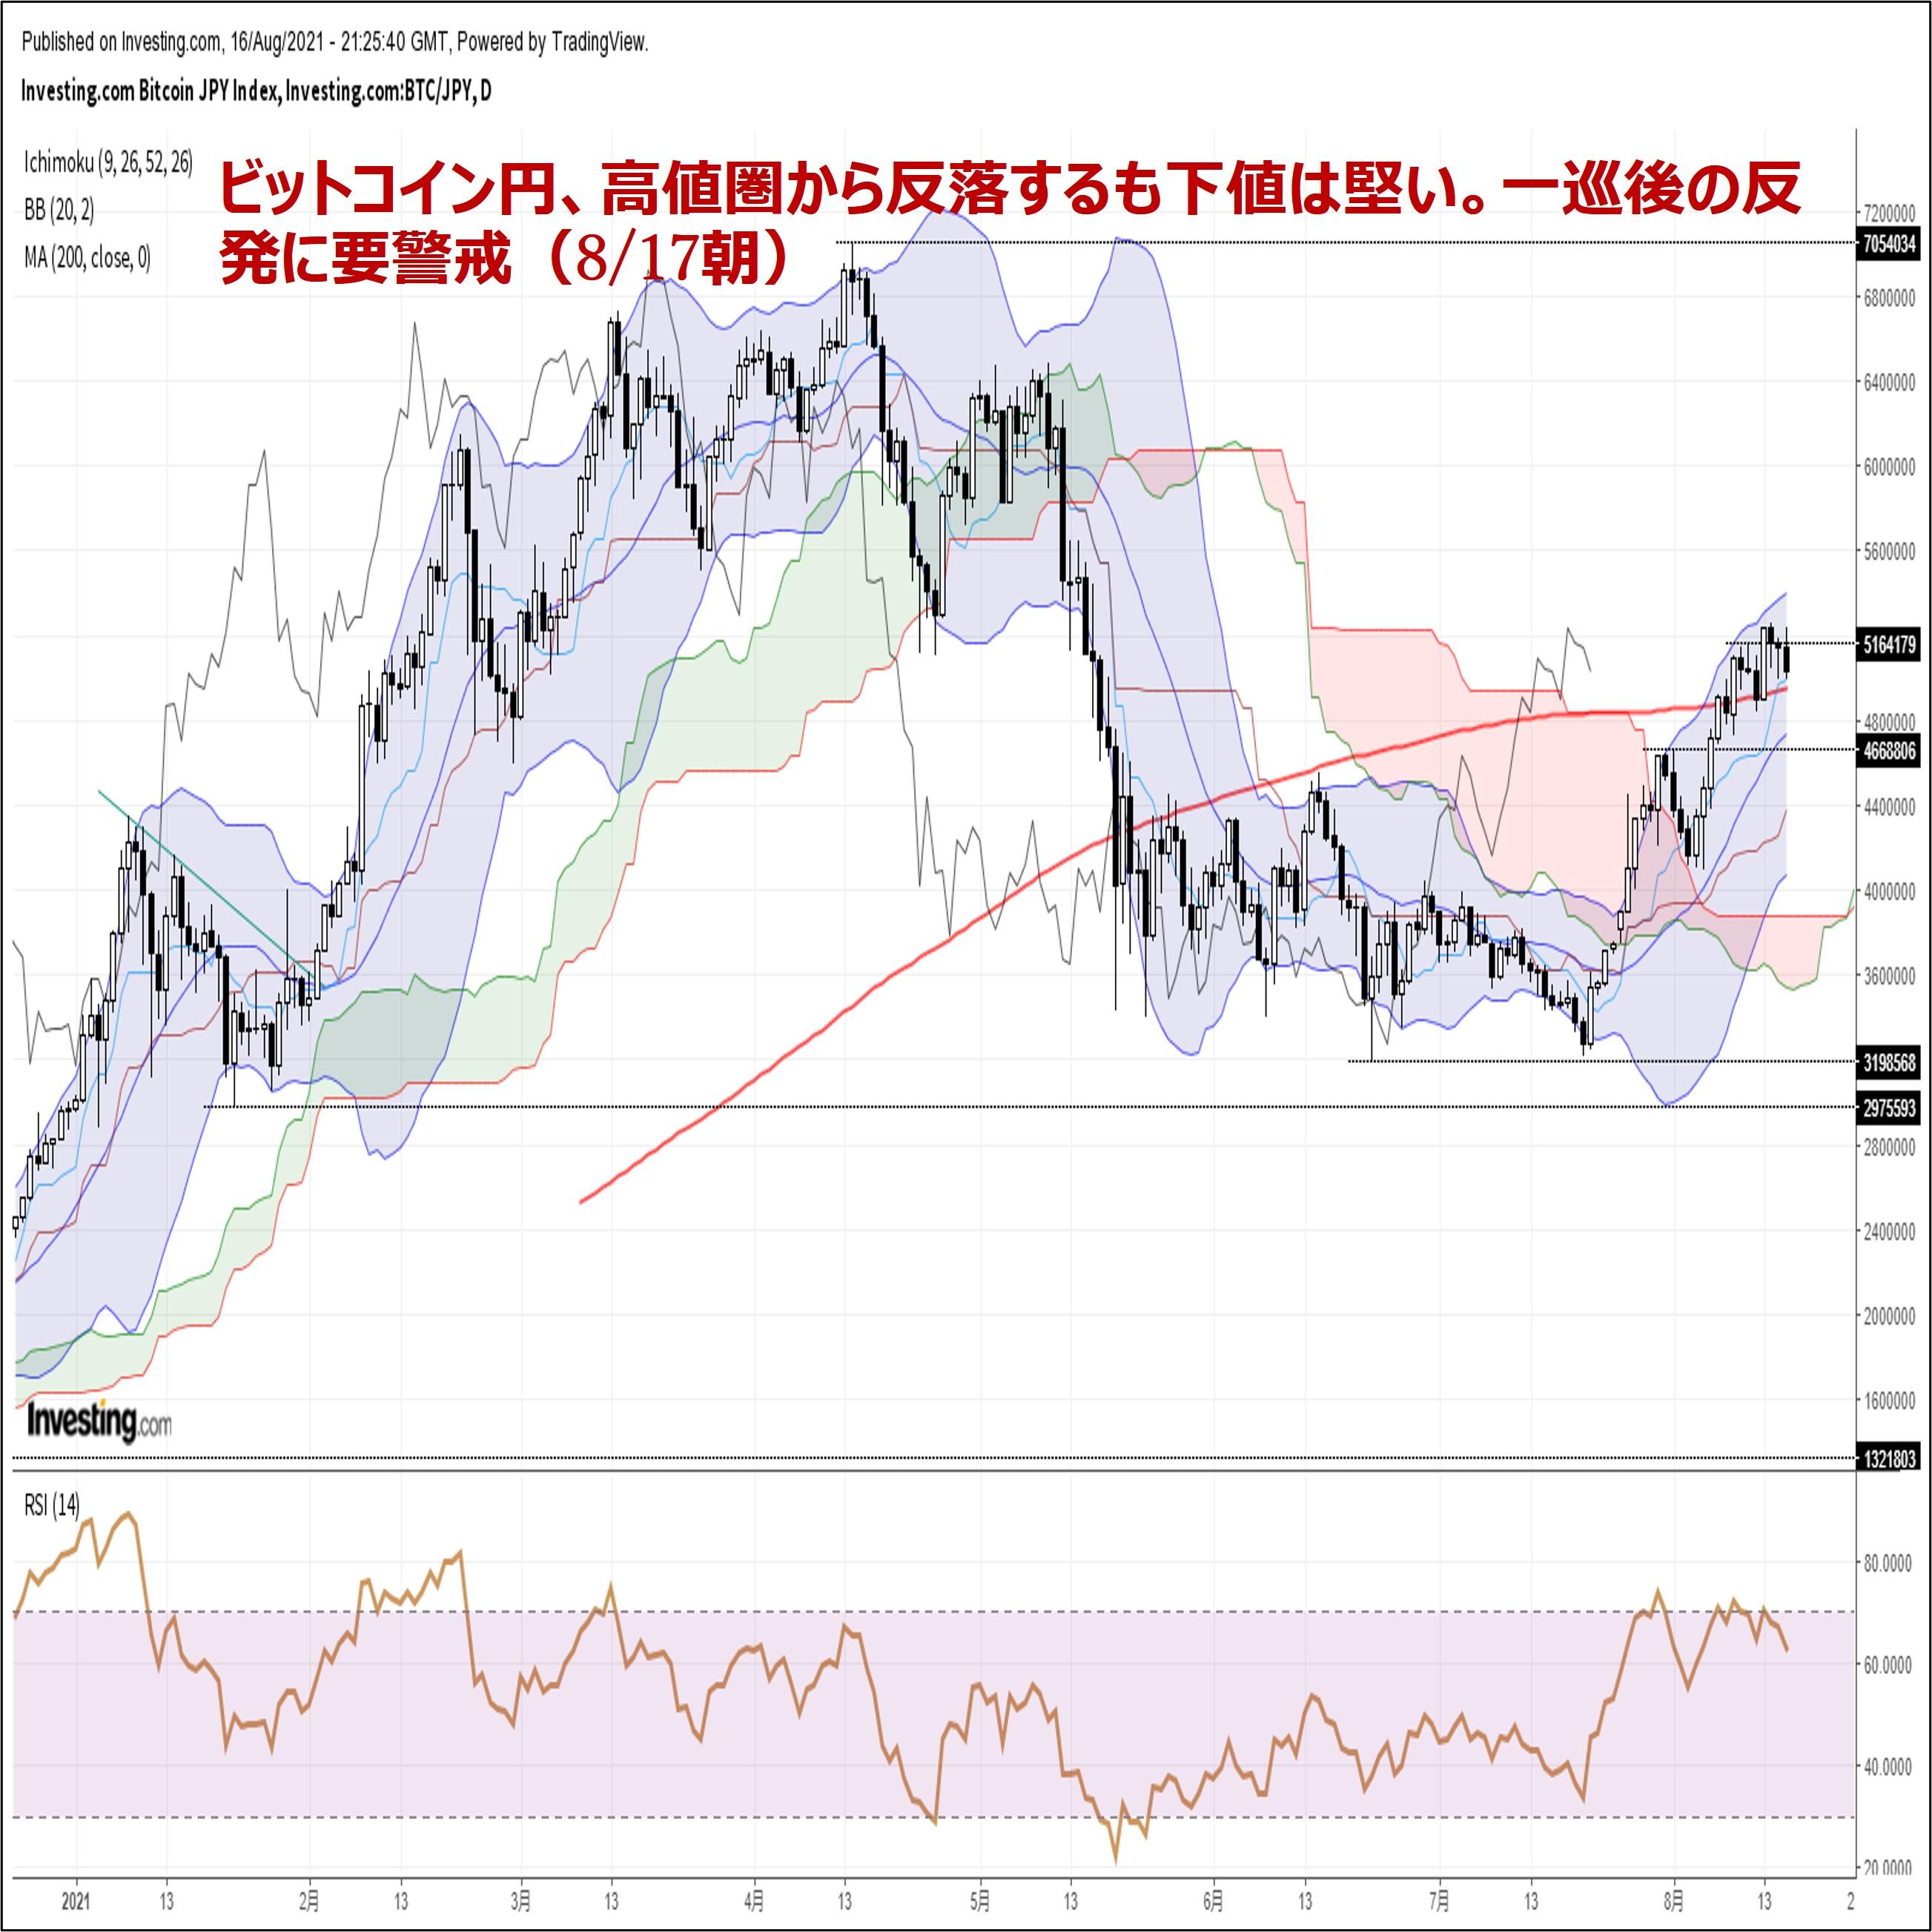 ビットコイン円、高値圏から反落するも下値は堅い。一巡後の反発に要警戒(8/17朝)